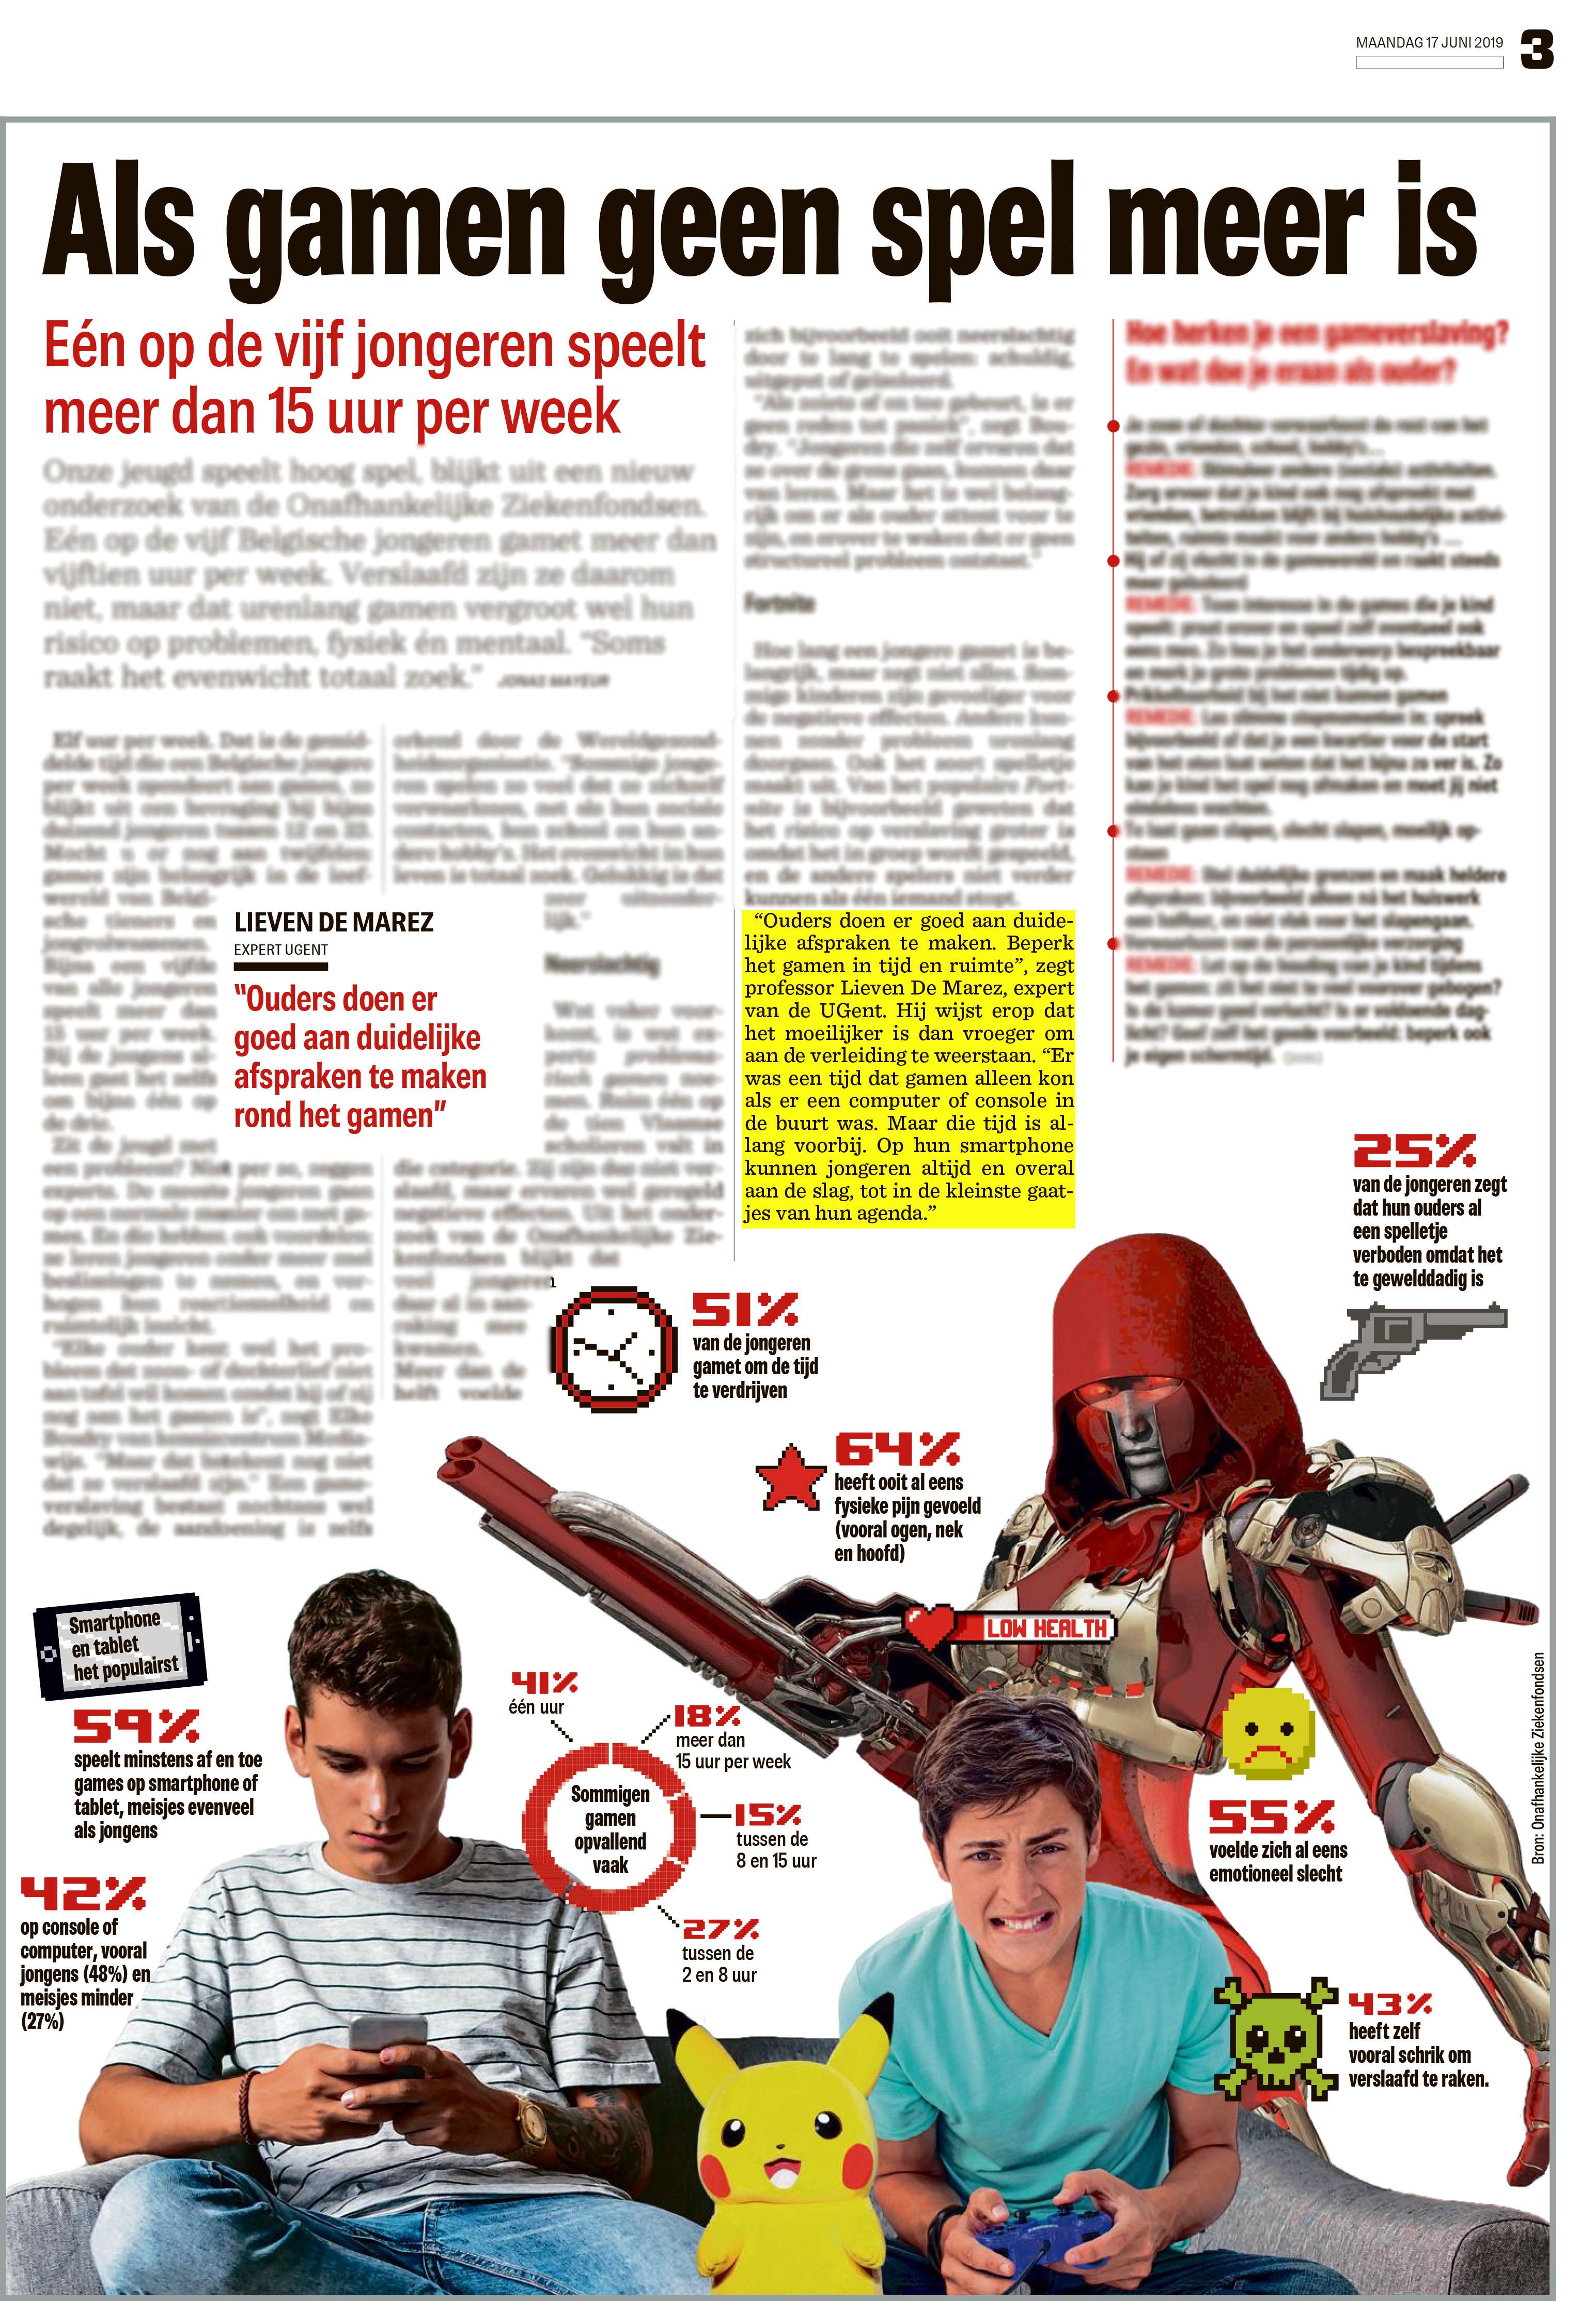 BRON: Het Nieuwsblad, 17/06/2019, p. 3